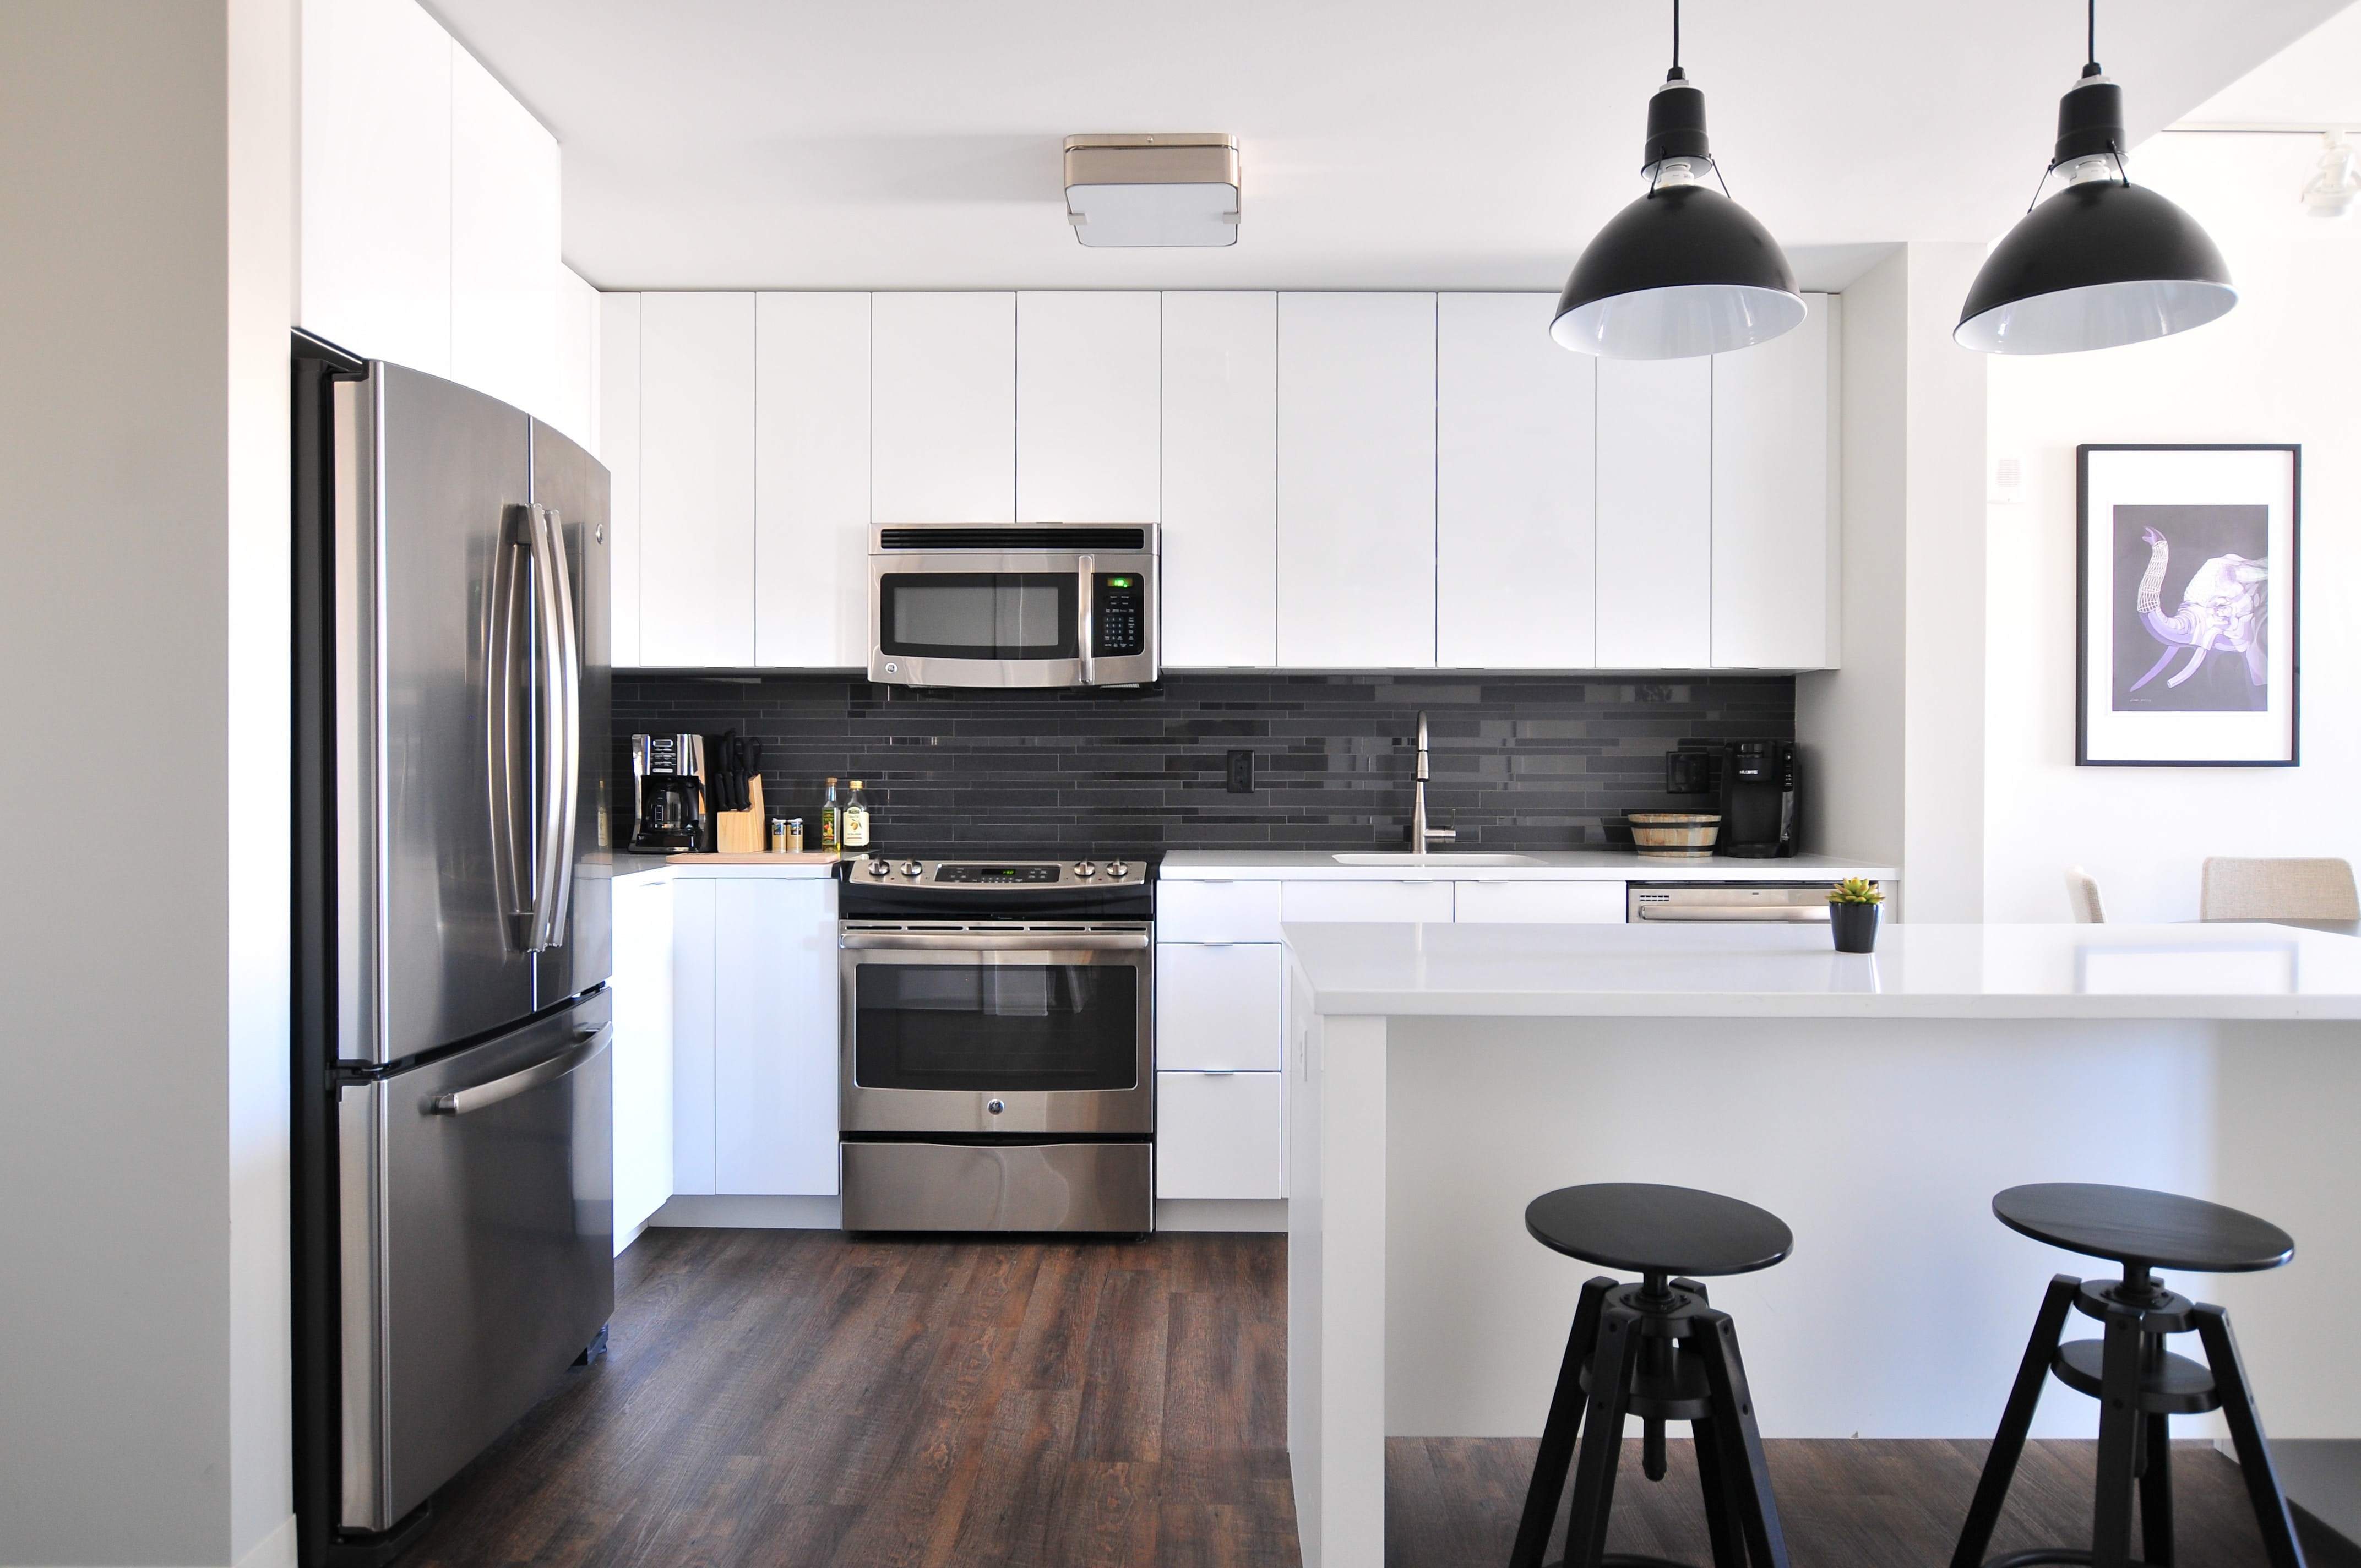 Freezer Efficiency Tips